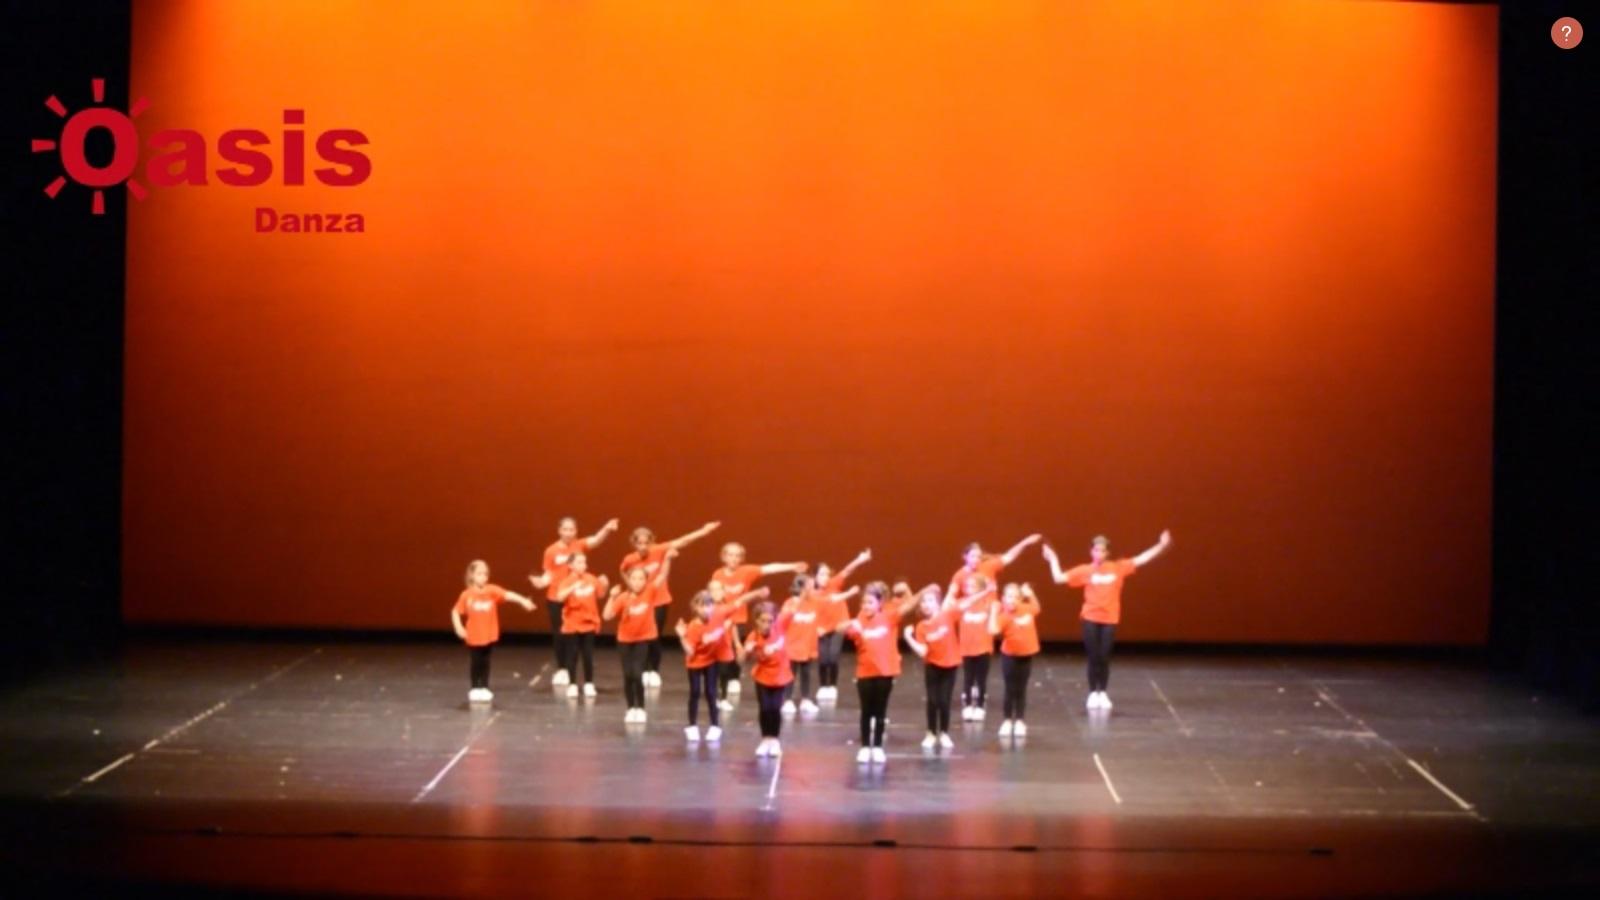 portada del video danza peques y mayores